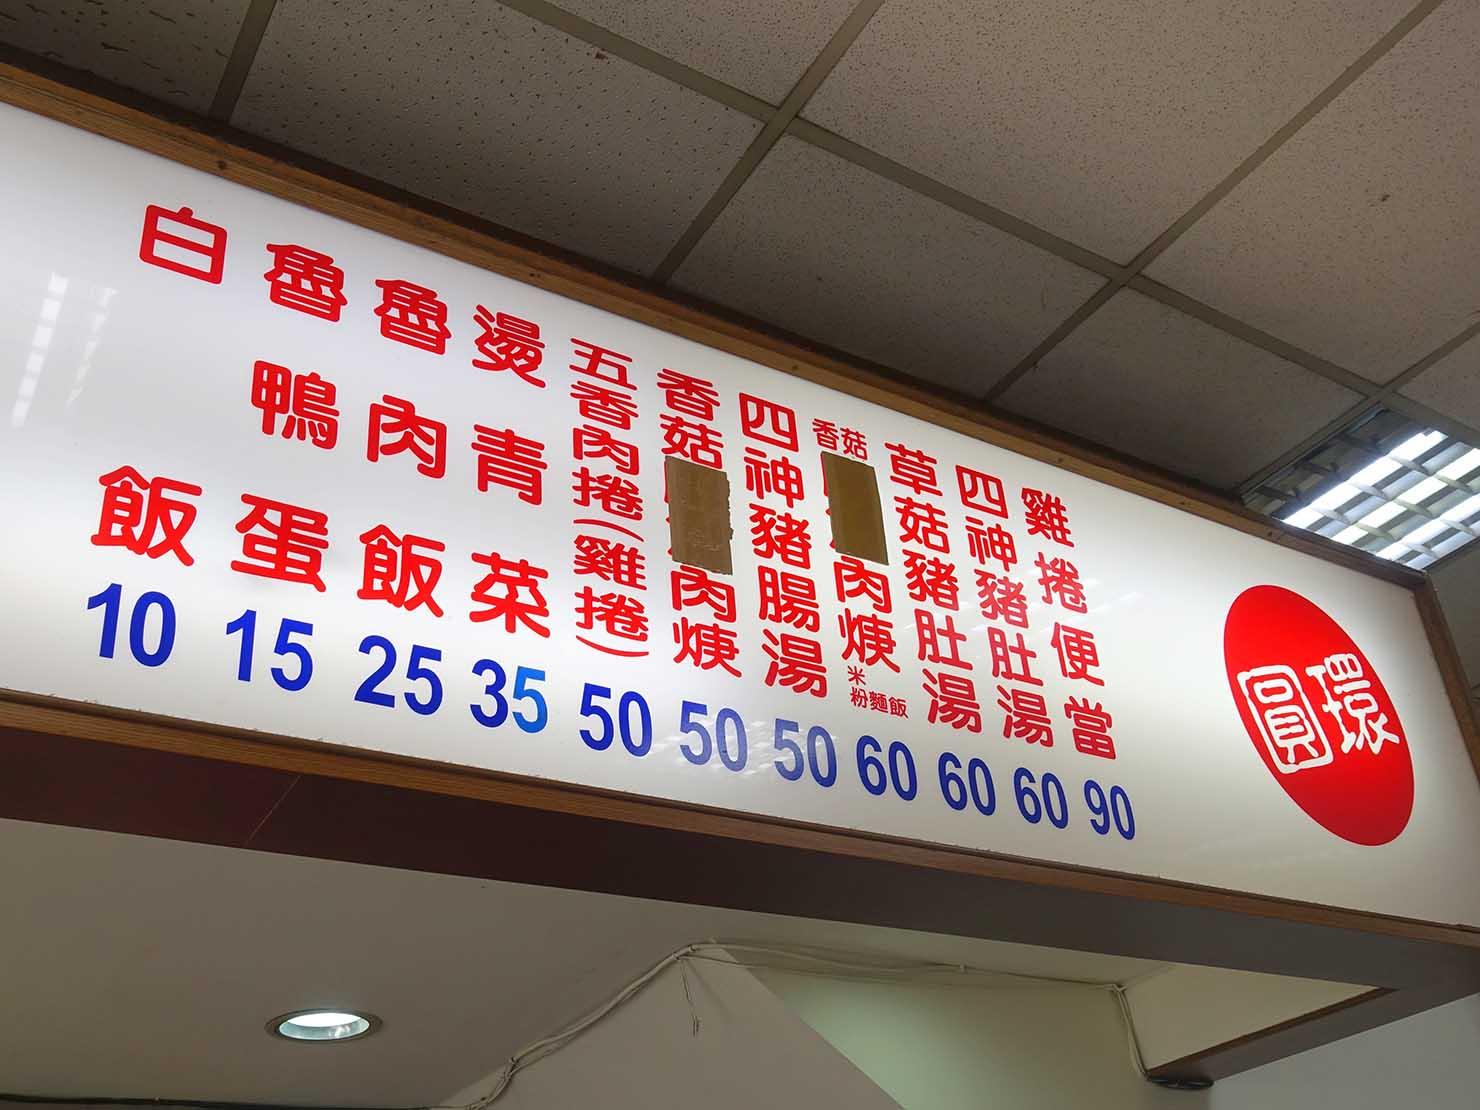 台北・寧夏夜市のおすすめグルメ店「龍緣魯肉飯」のメニュー